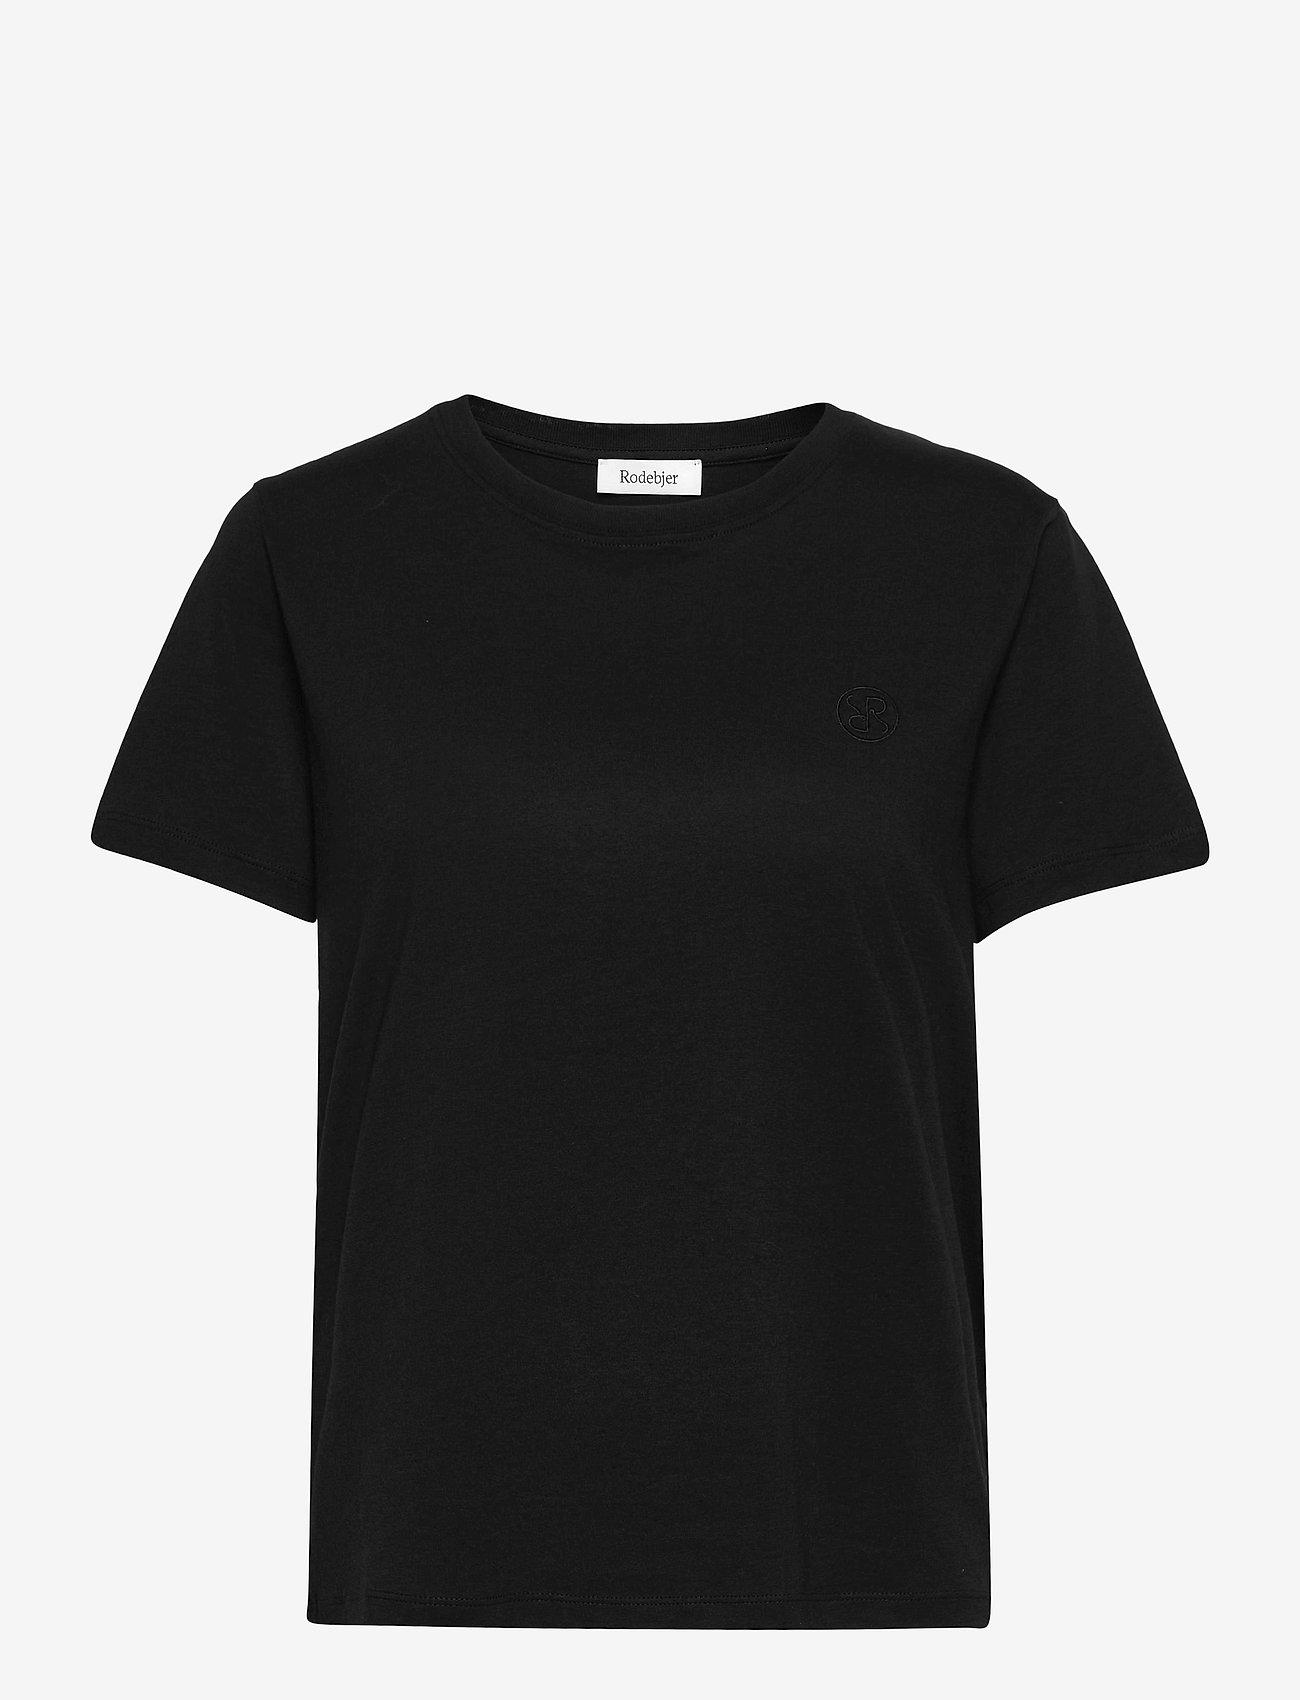 RODEBJER - RODEBJER NINJA LOGO - t-shirts - black - 0